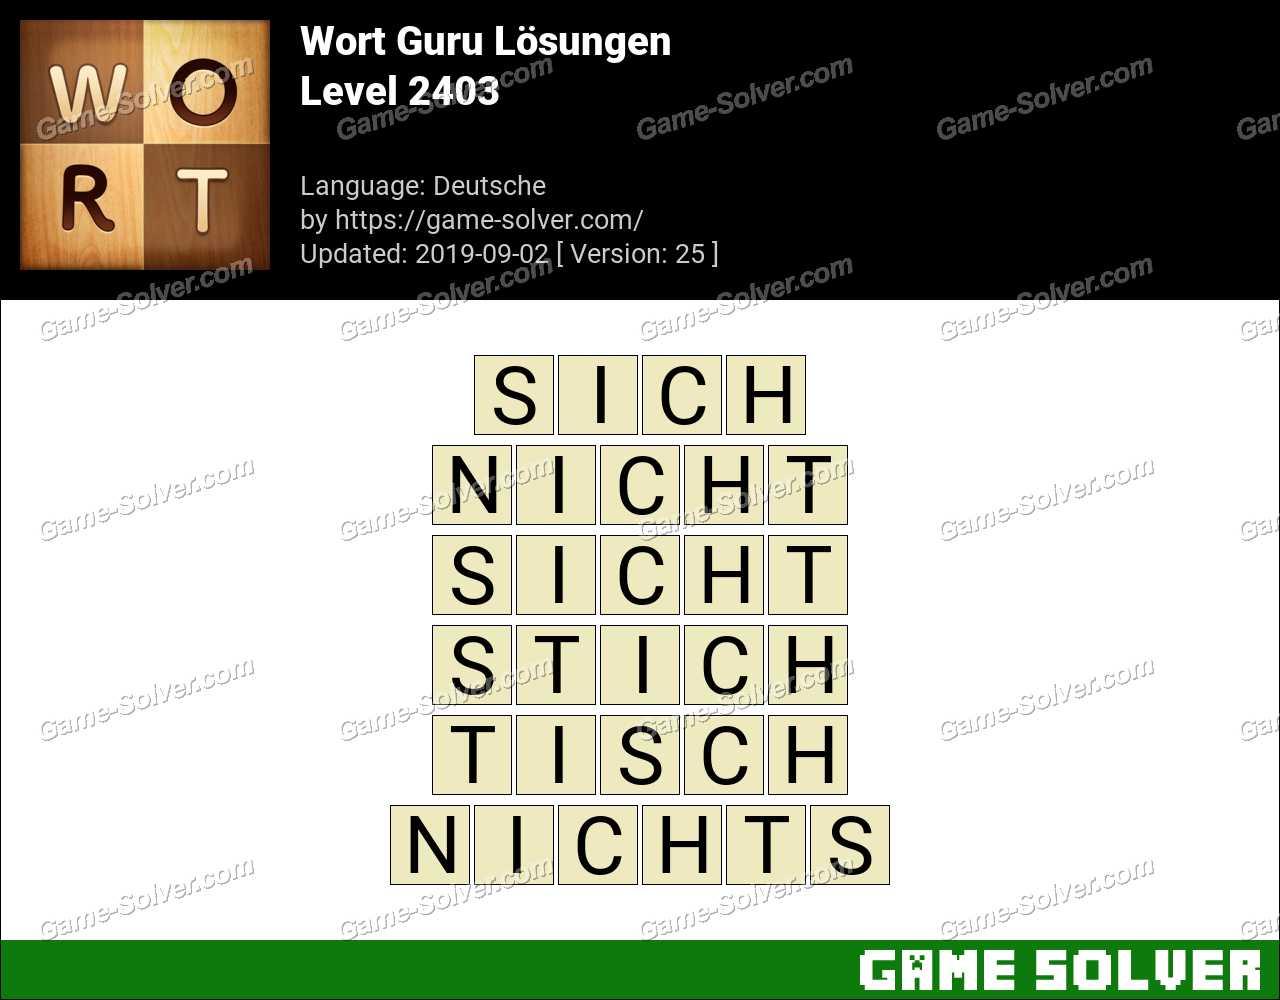 Wort Guru Level 2403 Lösungen